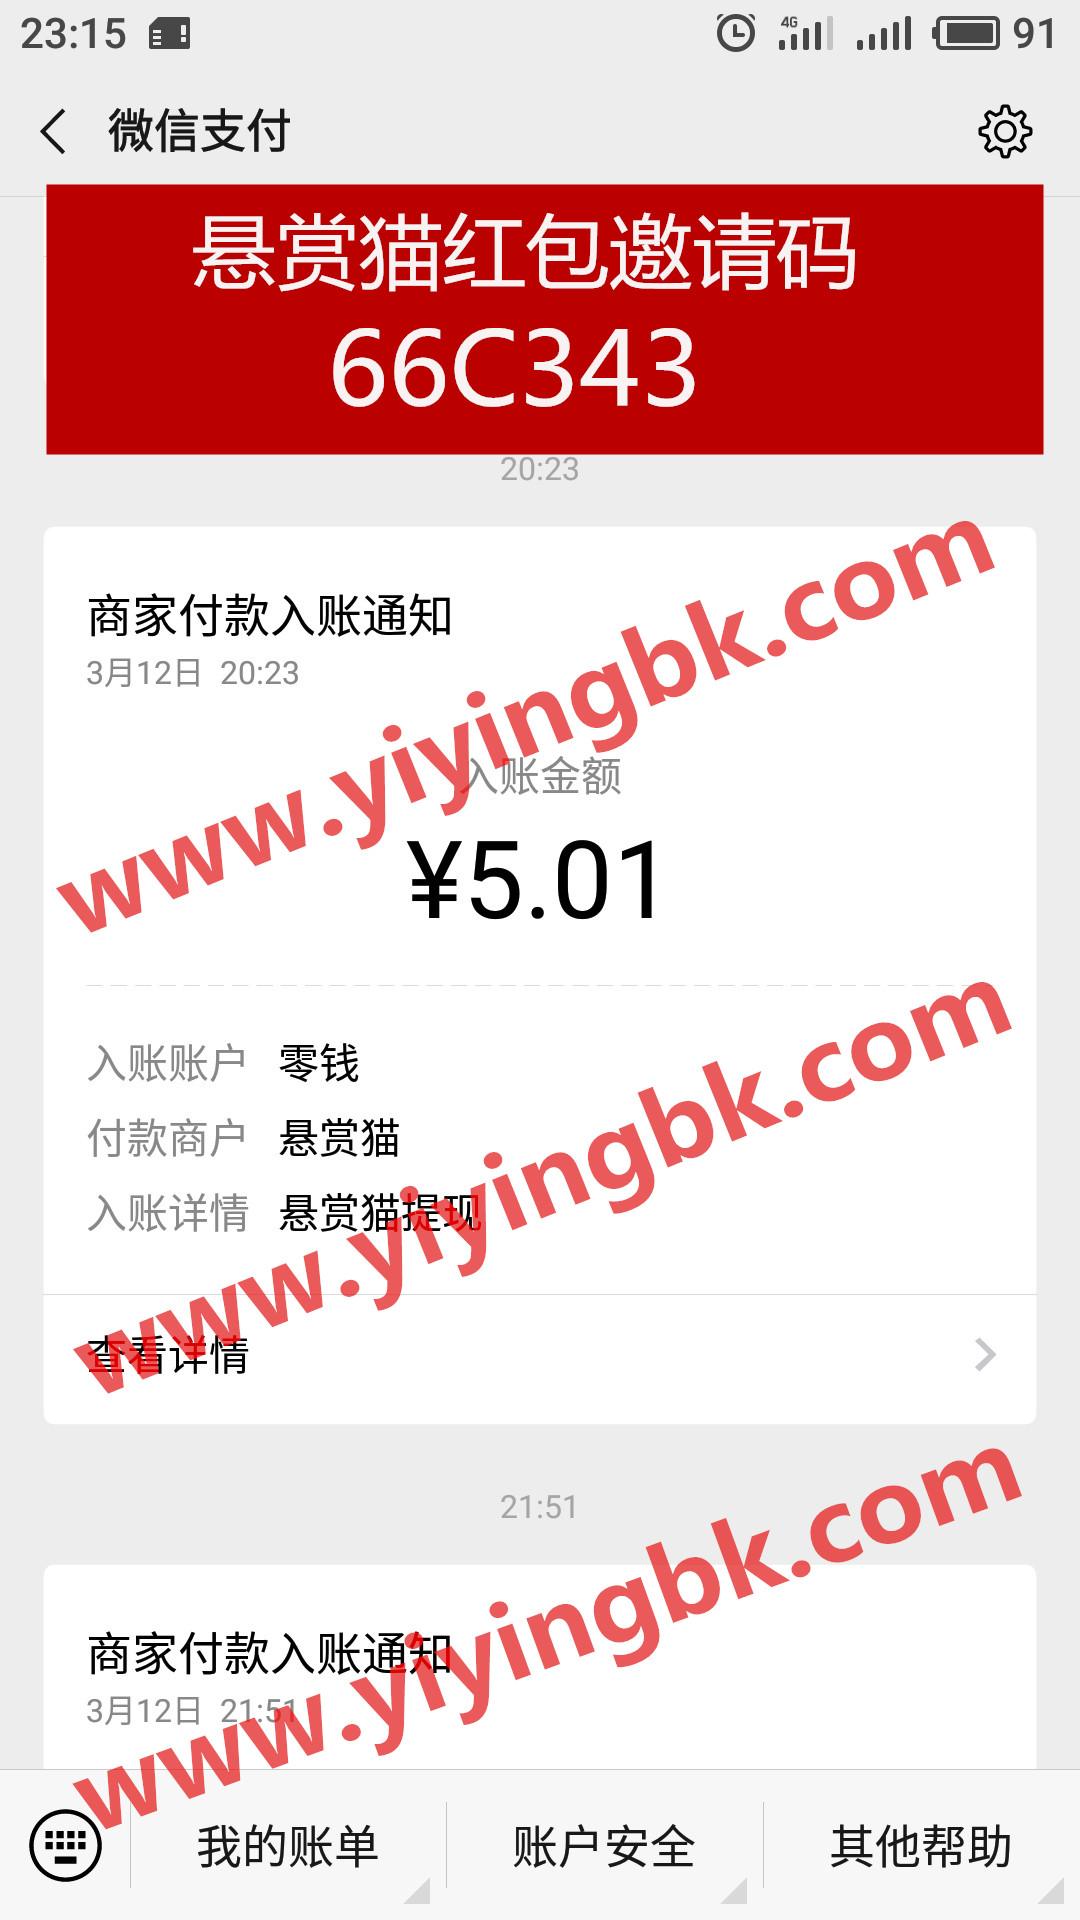 悬赏猫微信提现5.01元支付秒到账。www.yiyingbk.com